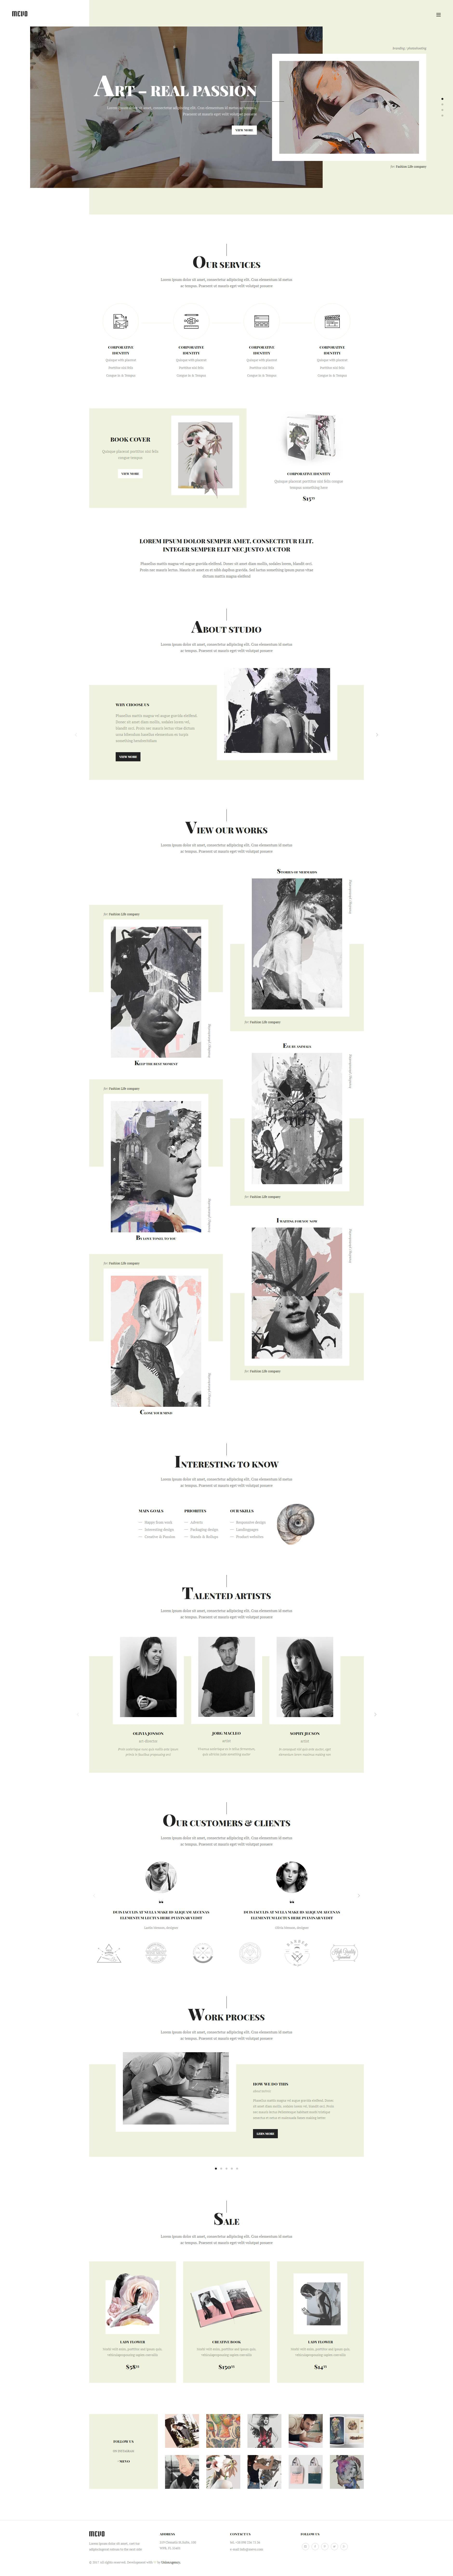 白色创意的艺术品交易电商网站html模板